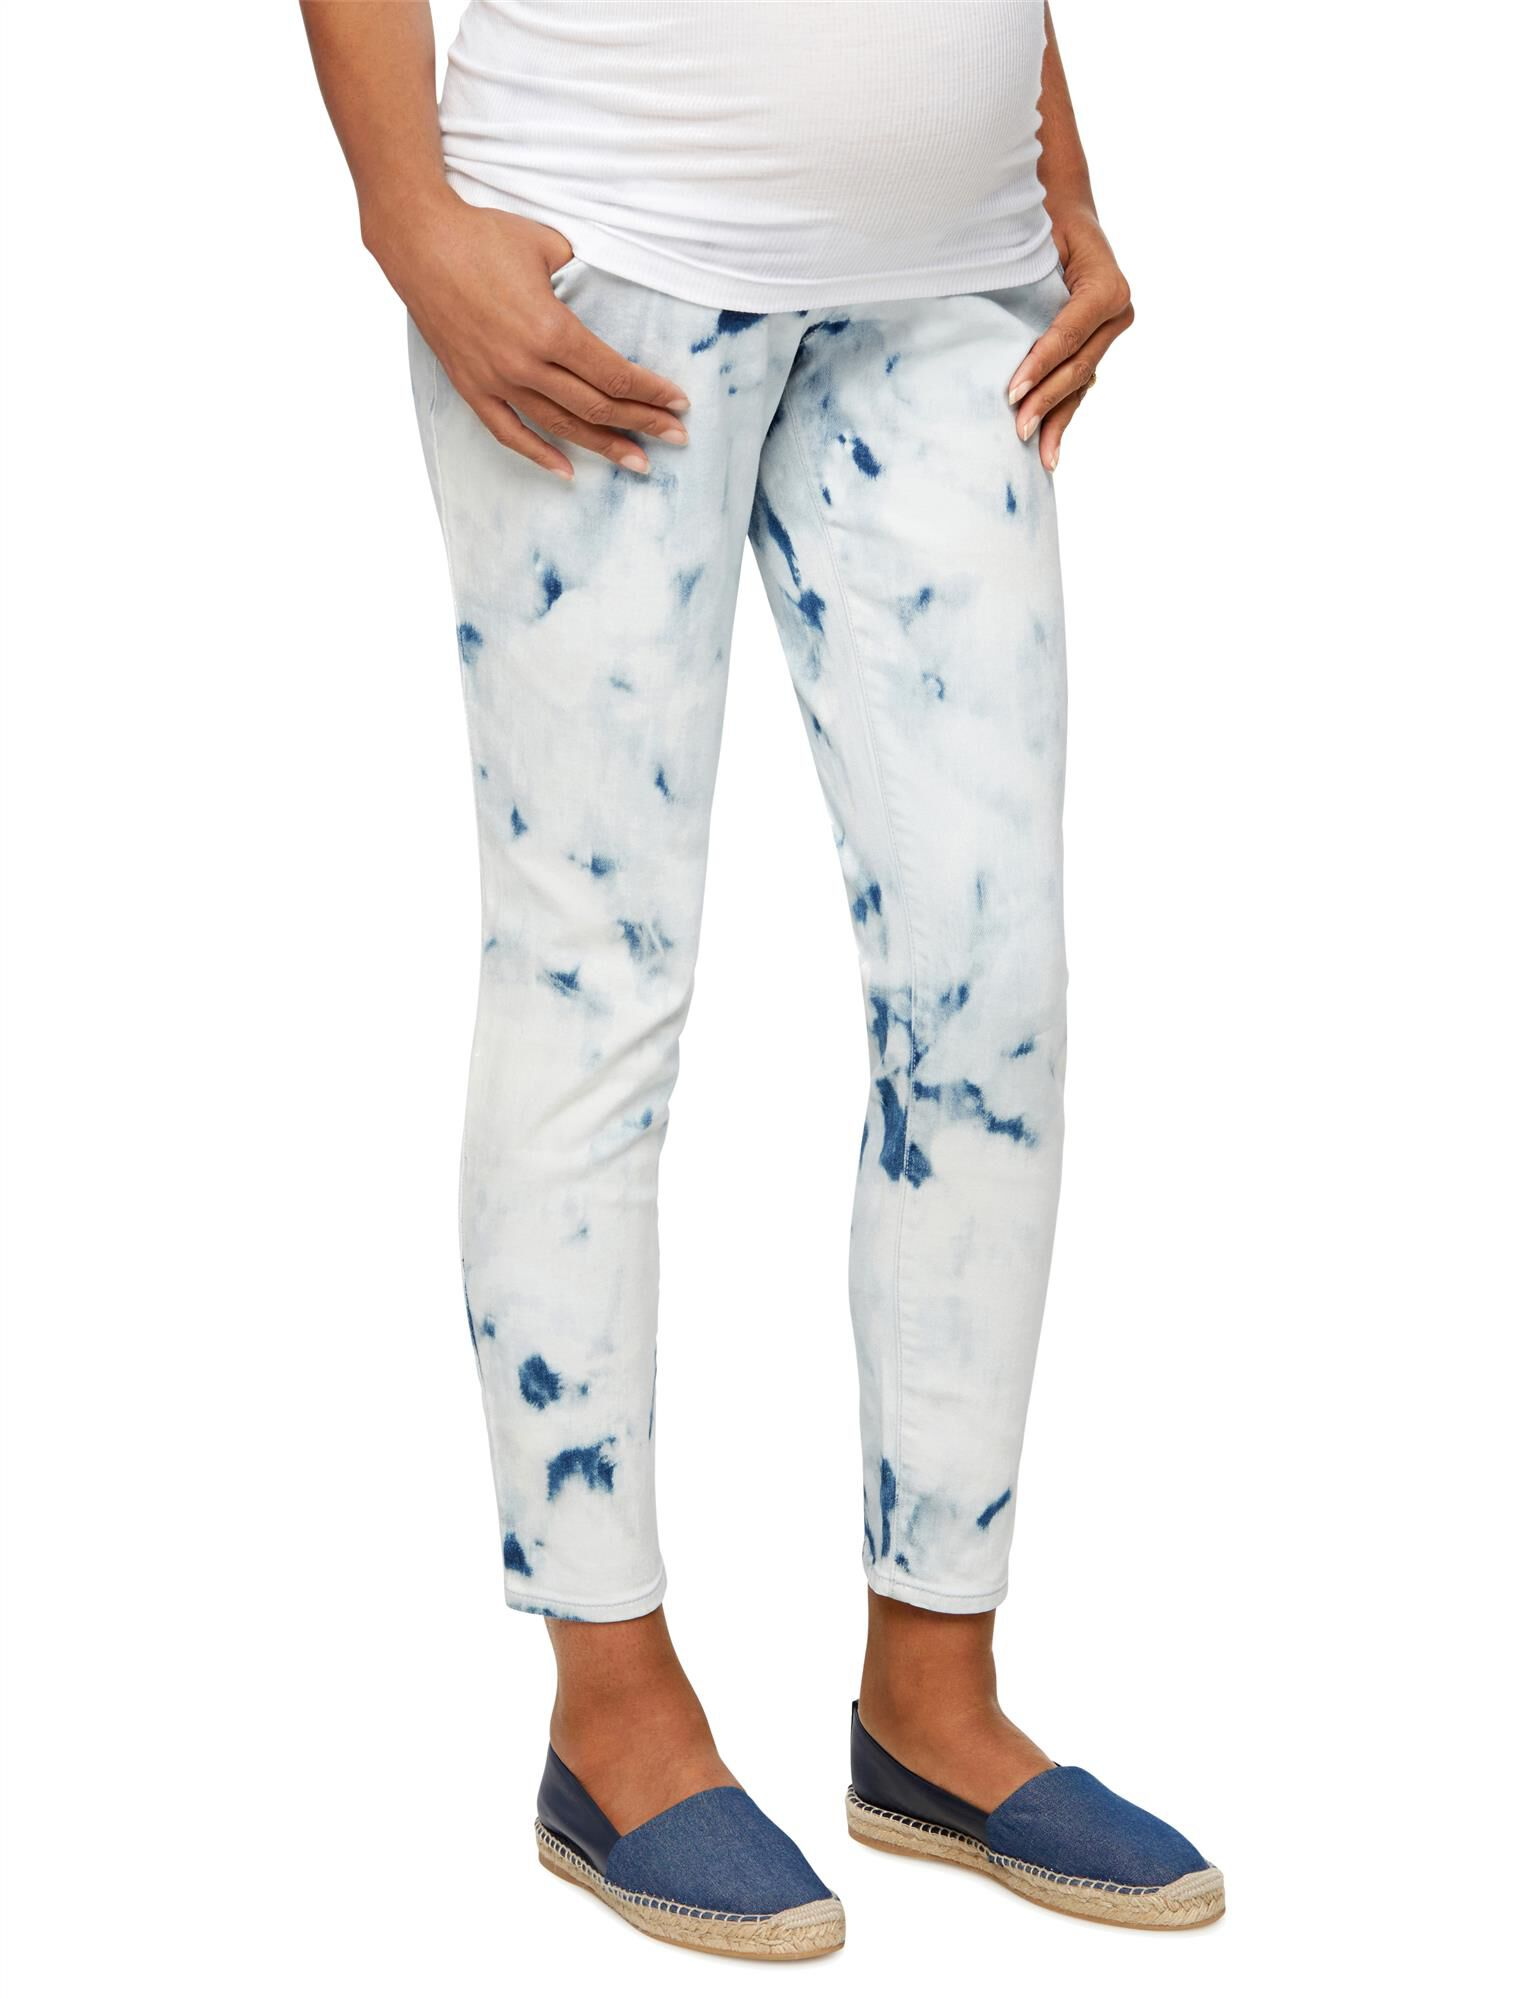 Luxe Essentials Denim Secret Fit Belly Tie Dye Maternity Jean